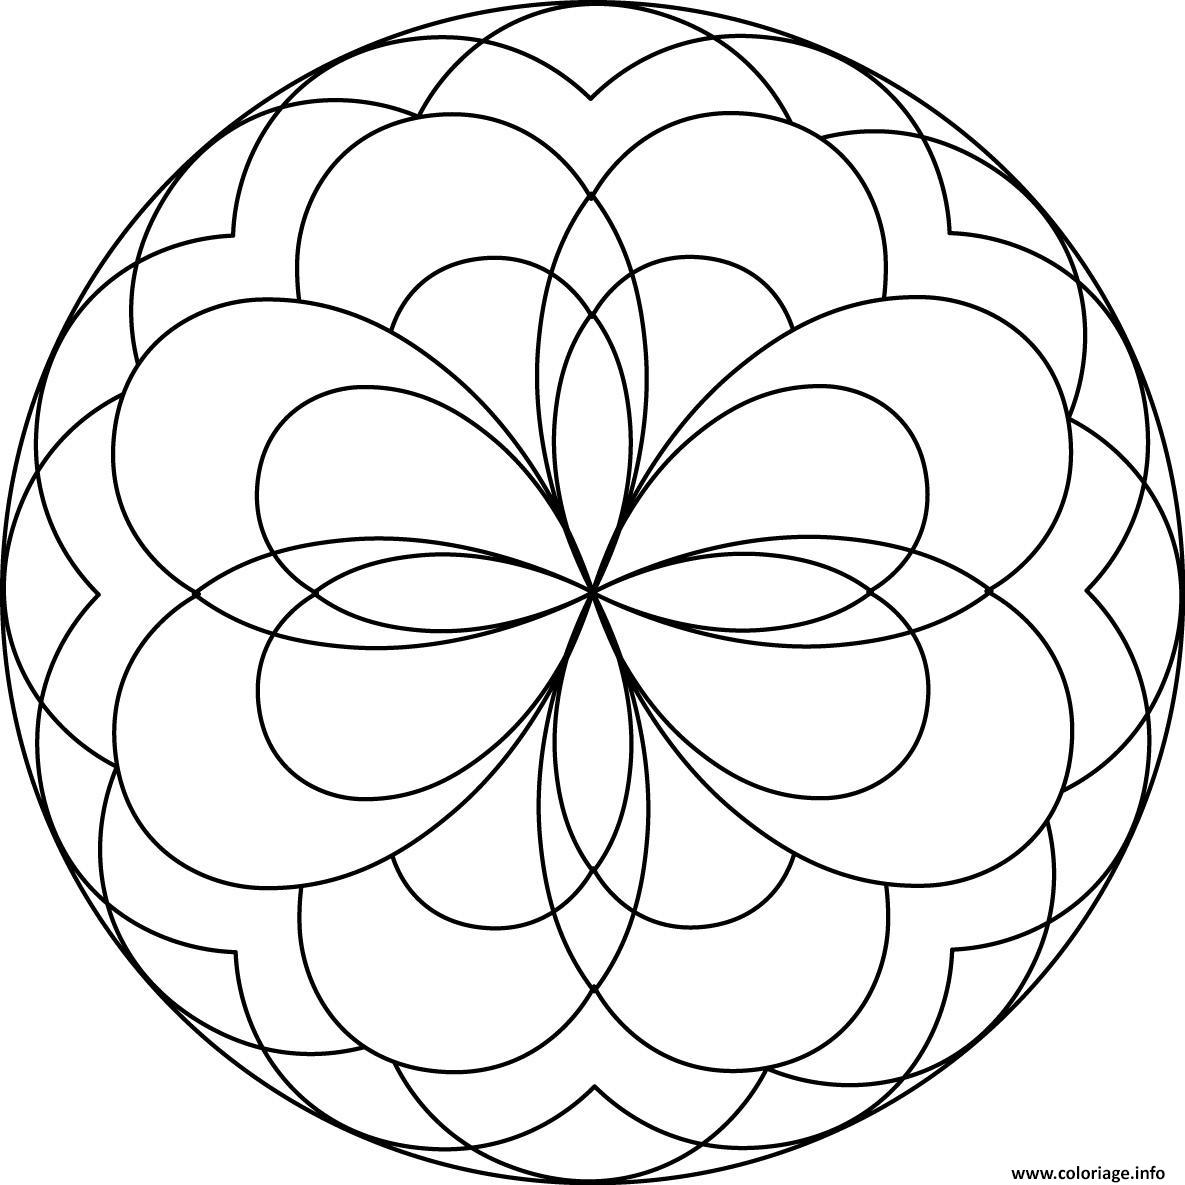 Coloriage Mandala Facile A Imprimer.Coloriage Mandala Facile 60 Dessin